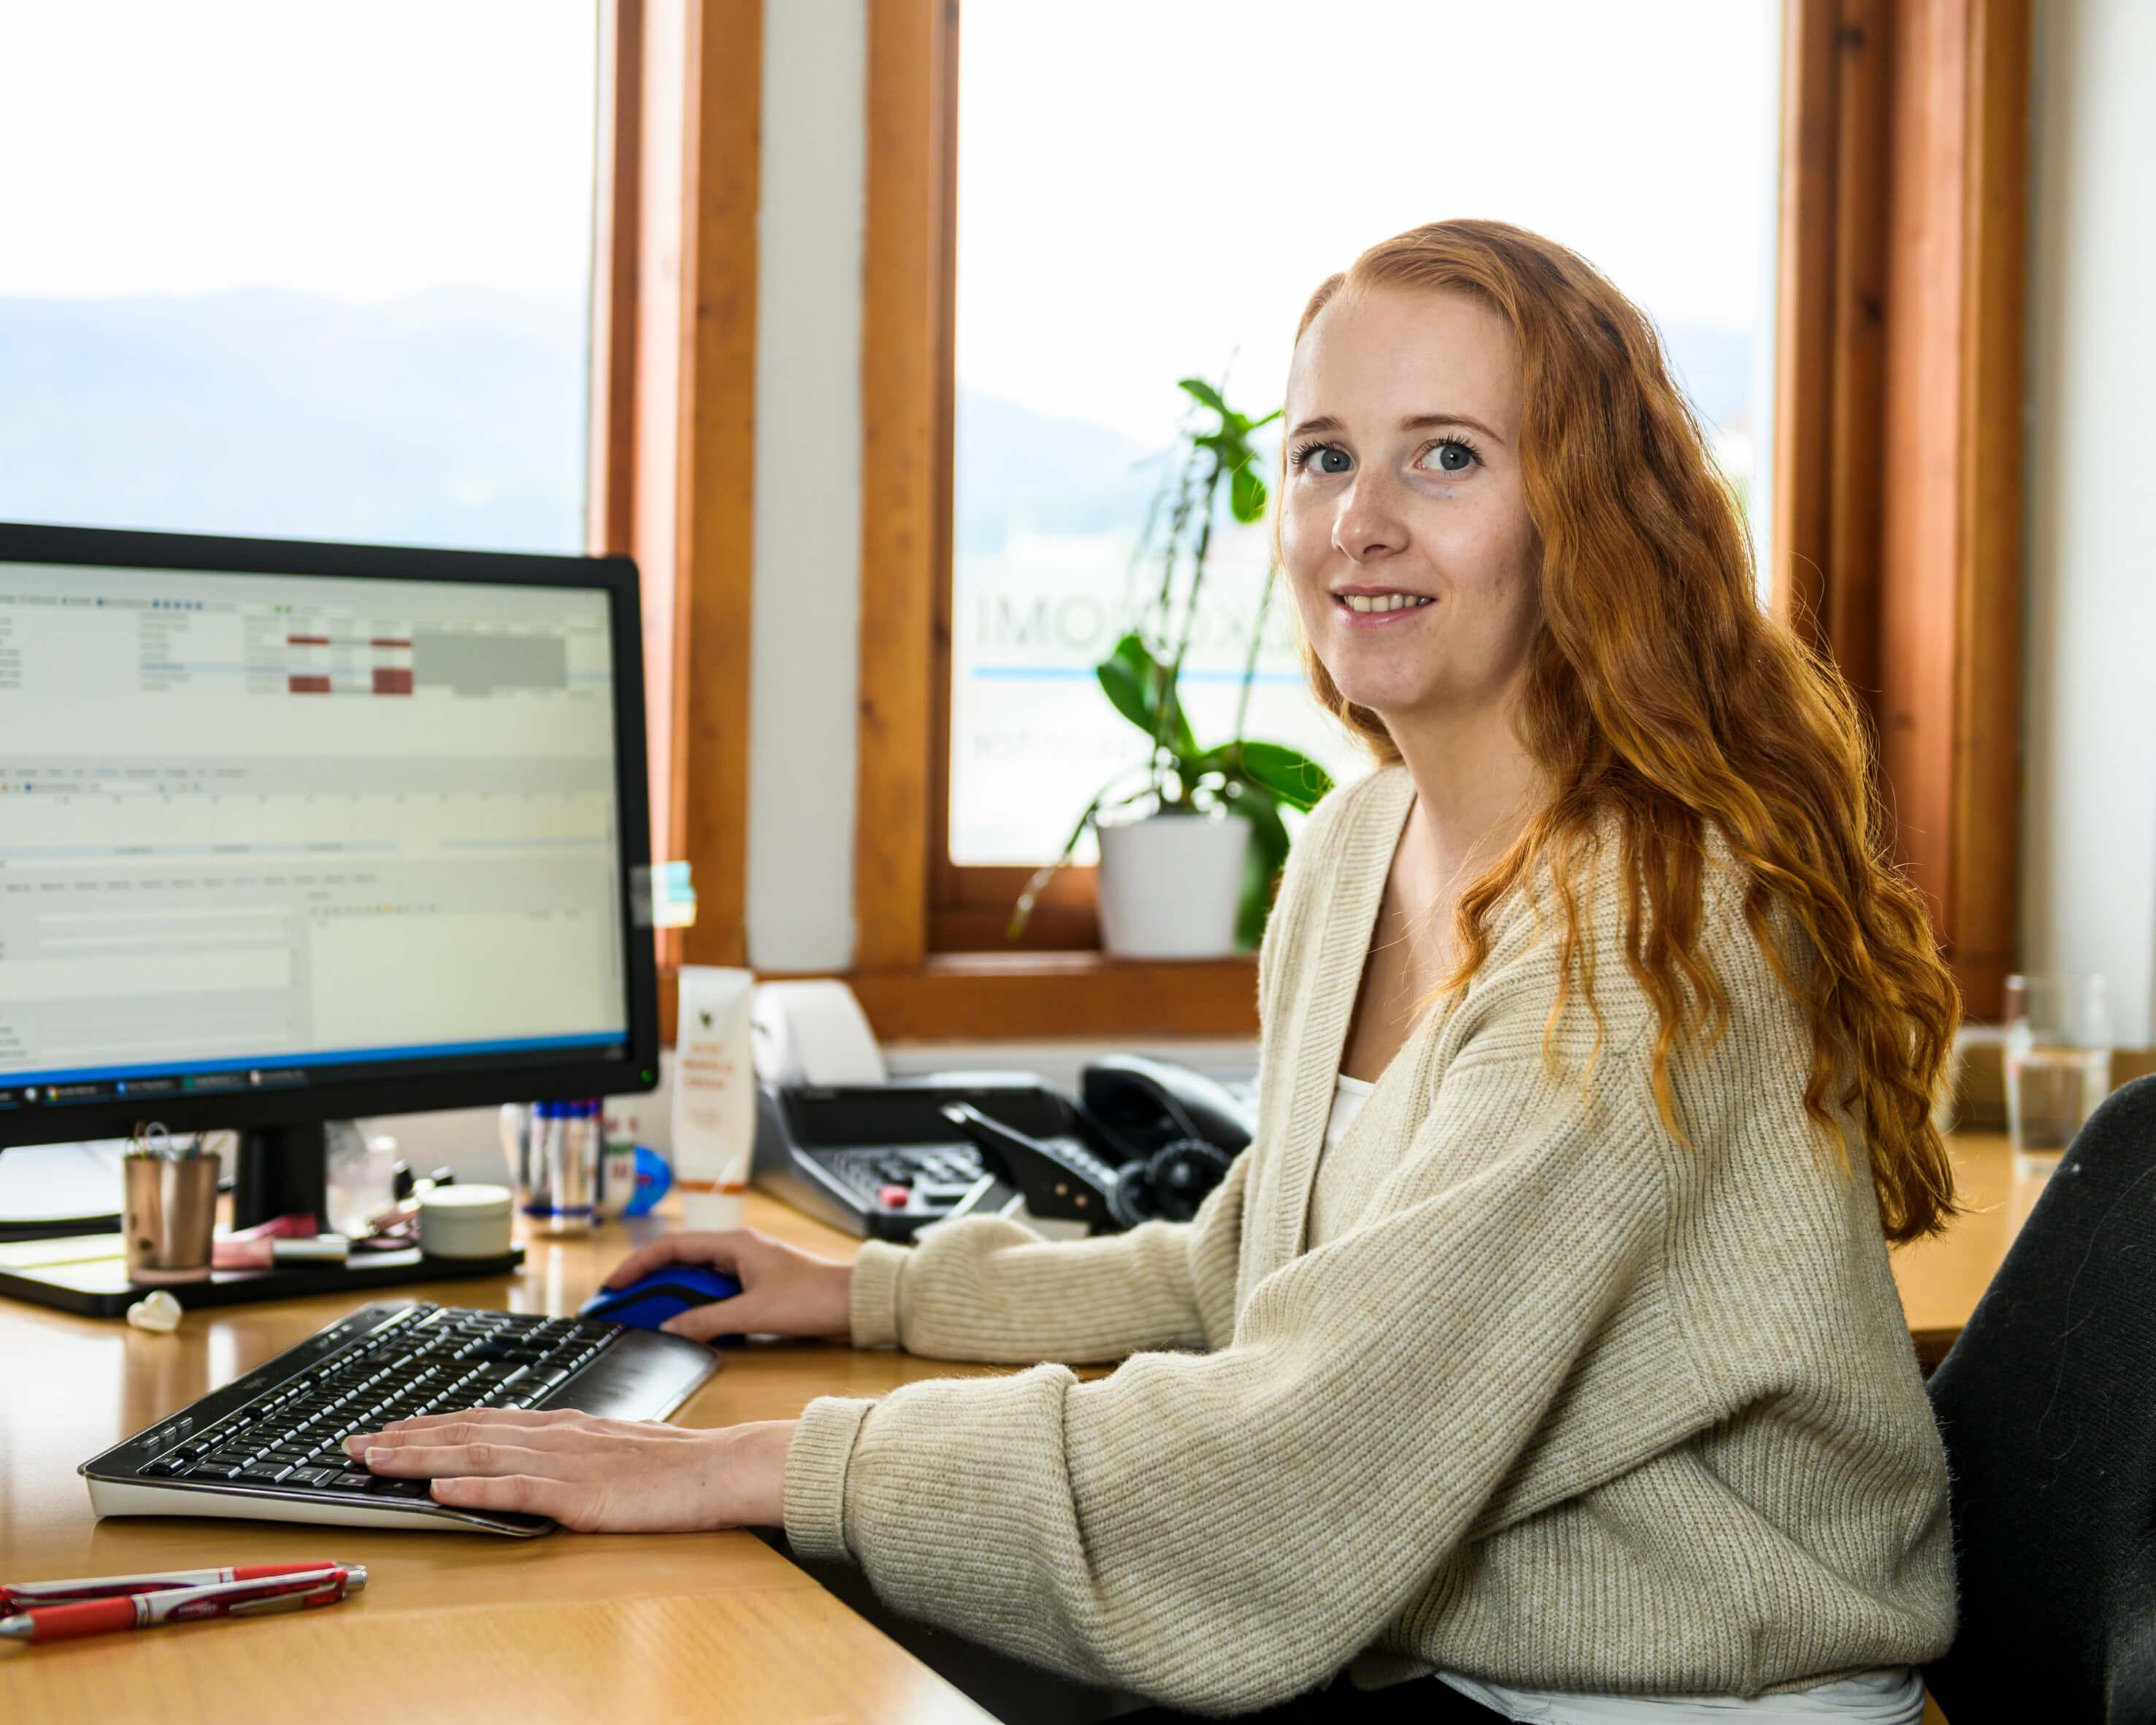 Kvinne ved kontorpult foran pc skjerm